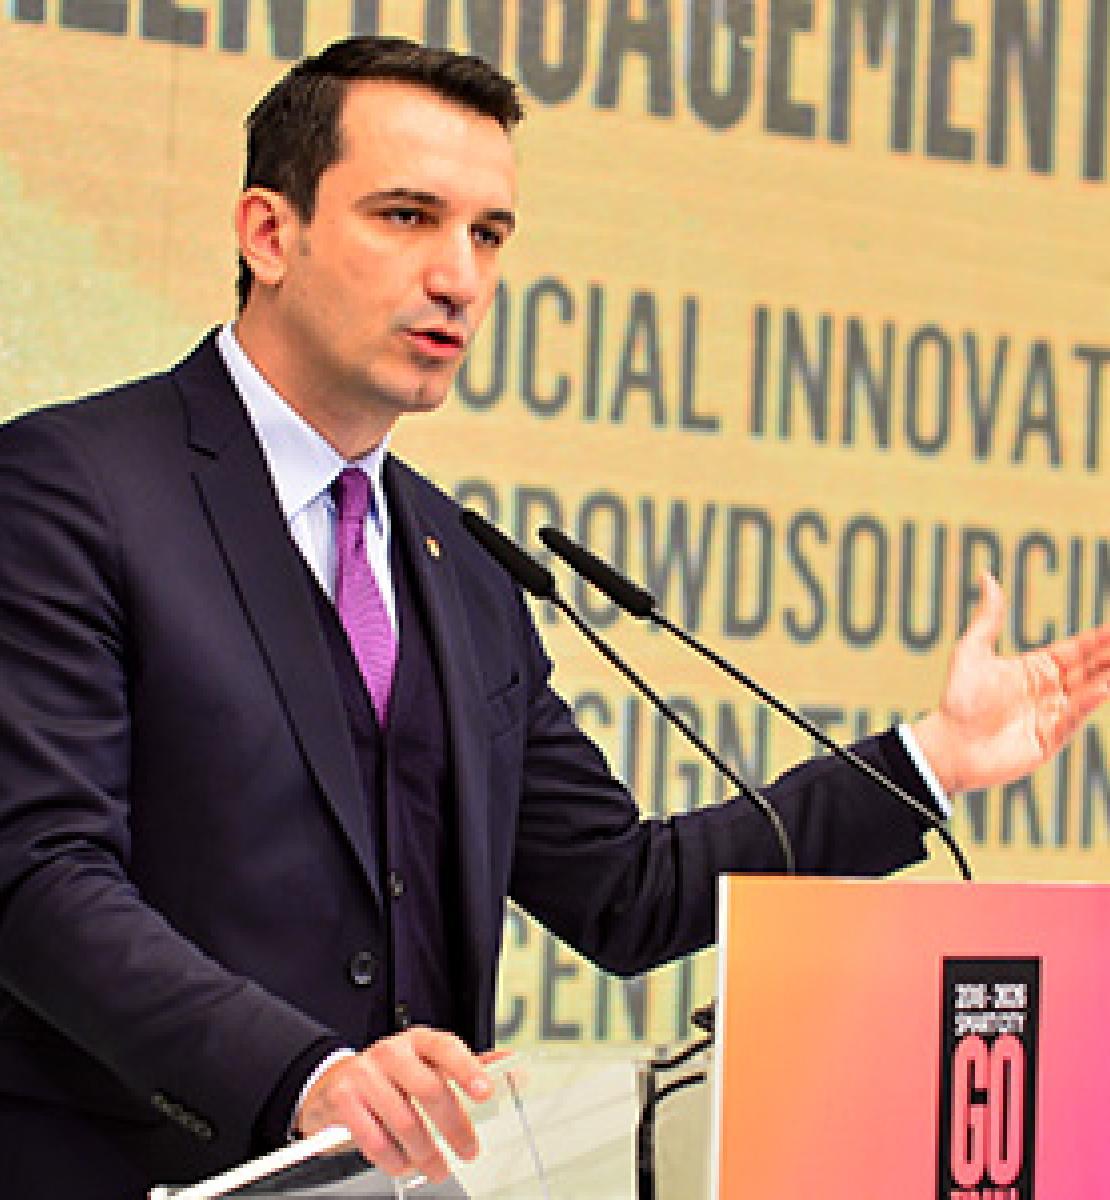 Un homme en costume cravate se tient debout derrière un pupitre et prononce un discours.